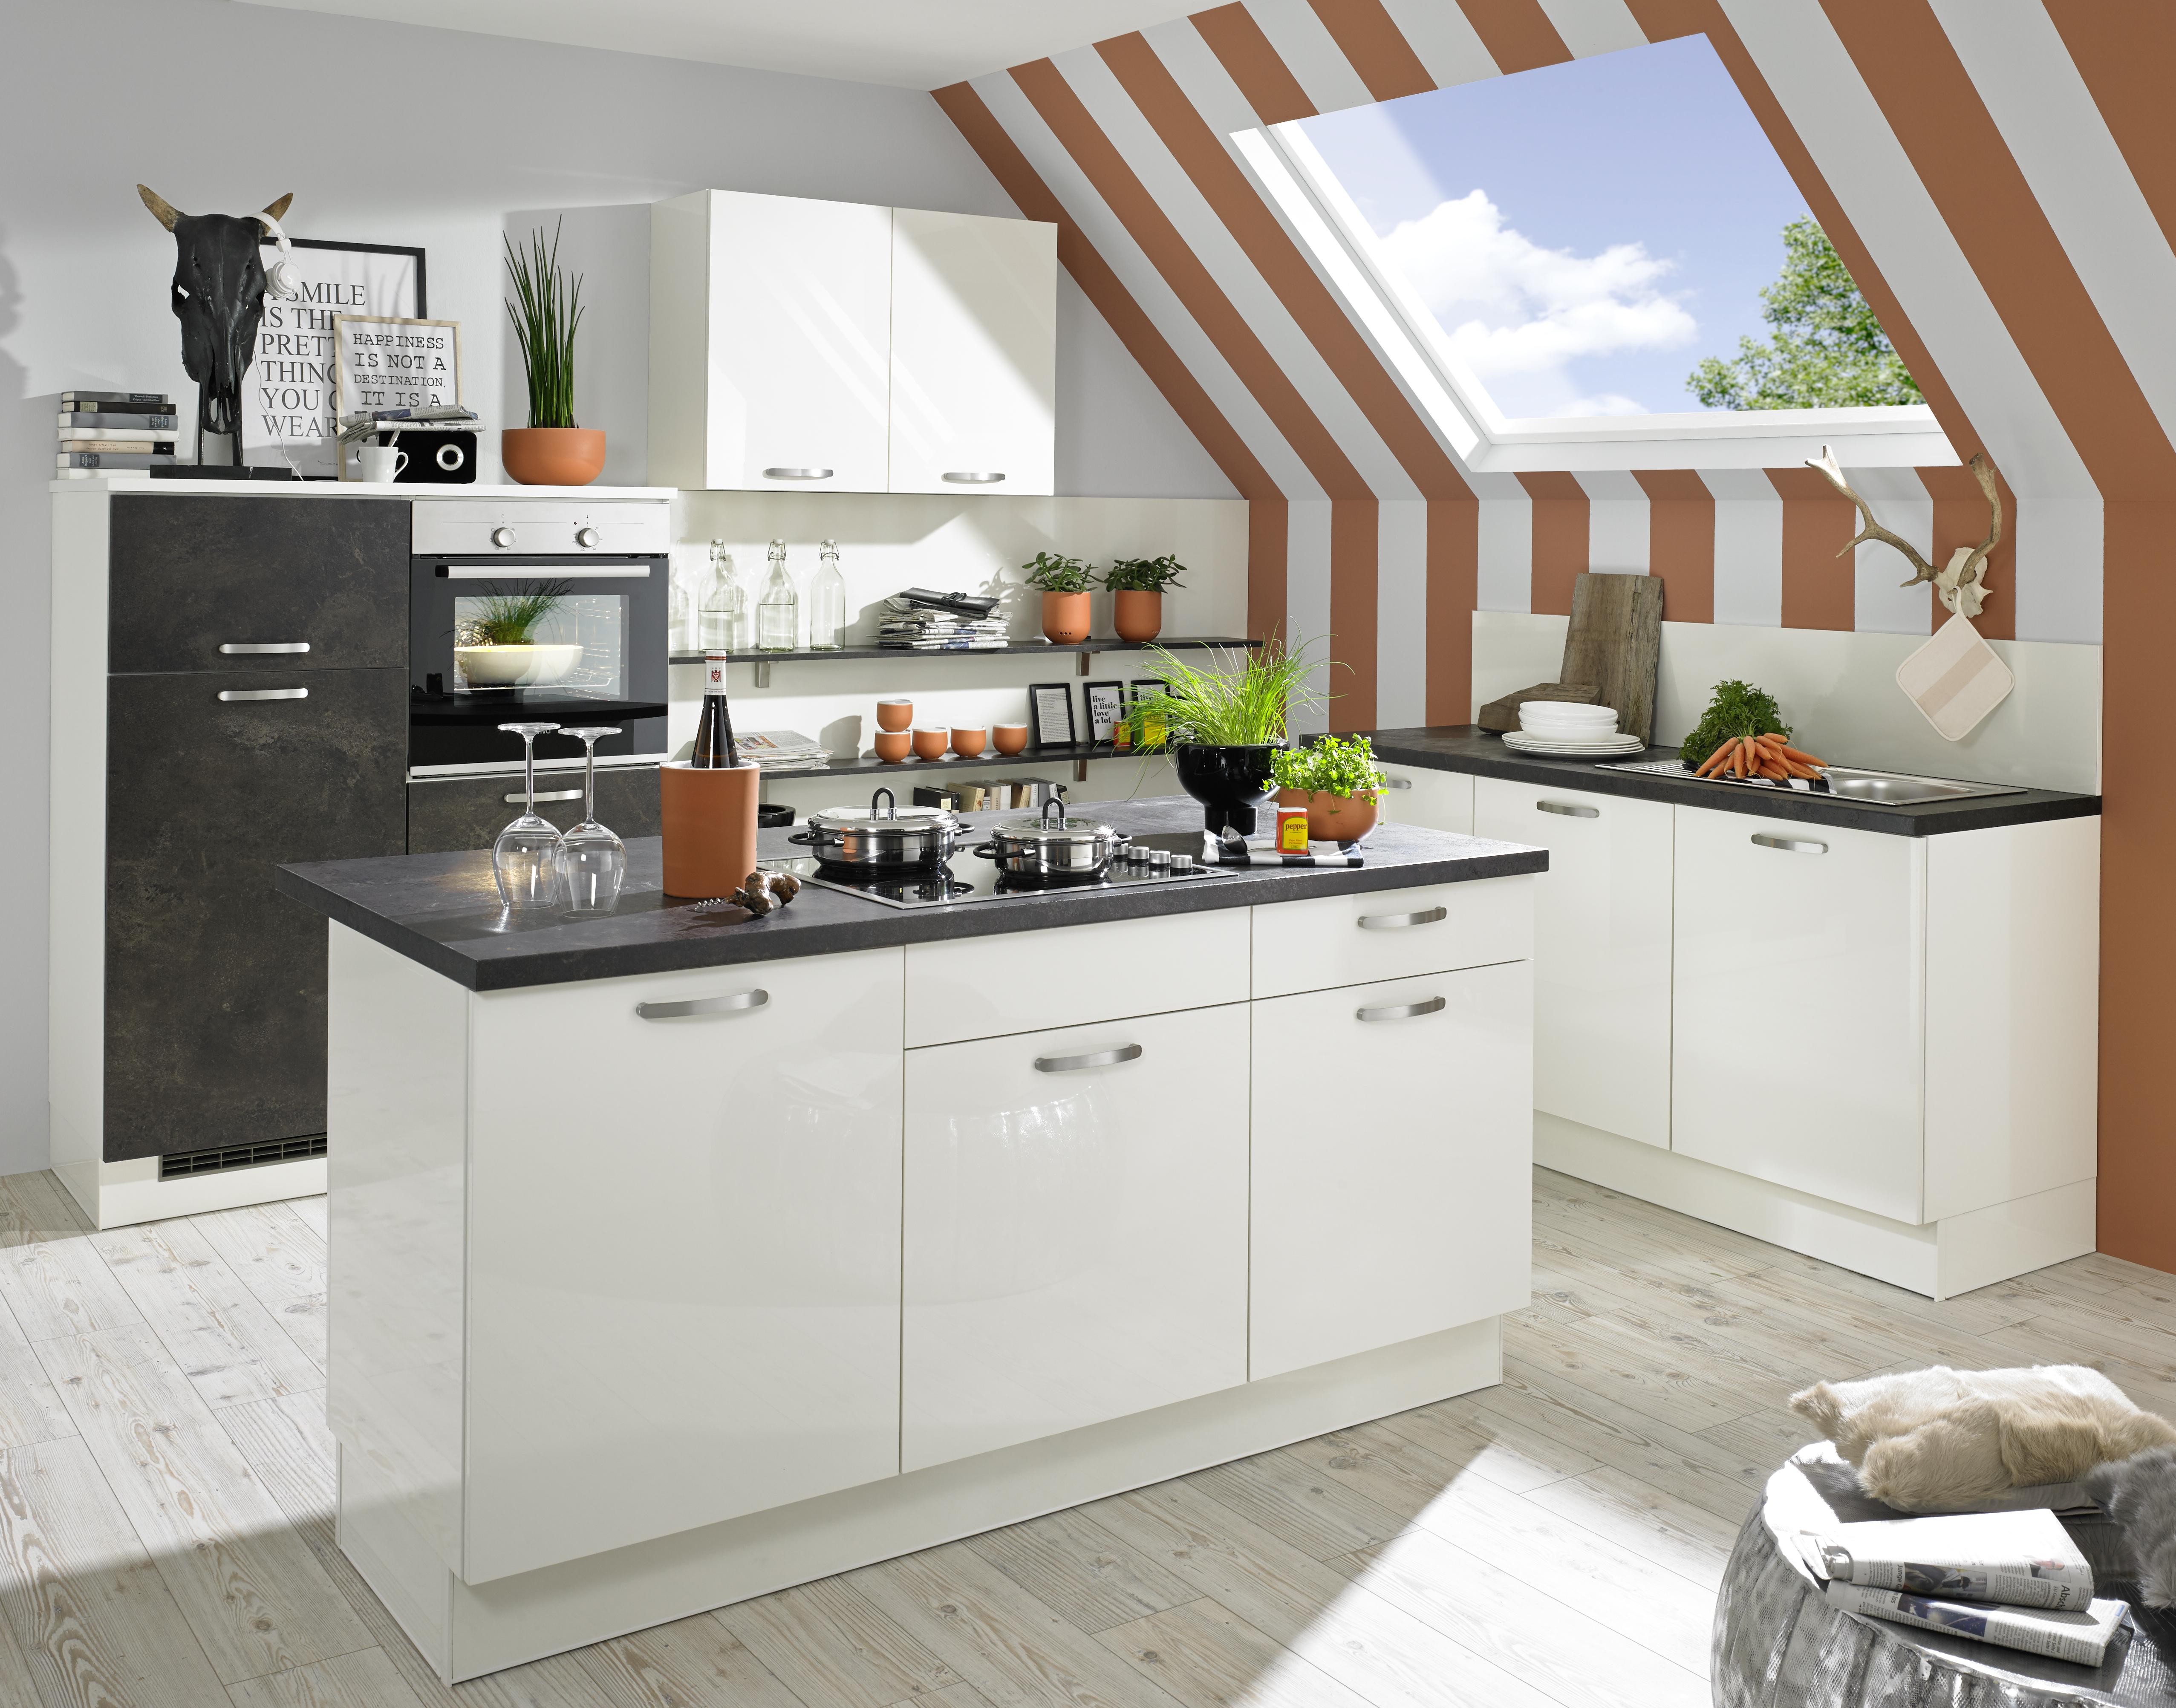 Küche mit Dachschräge planen: Tipps für Einbauküchen im